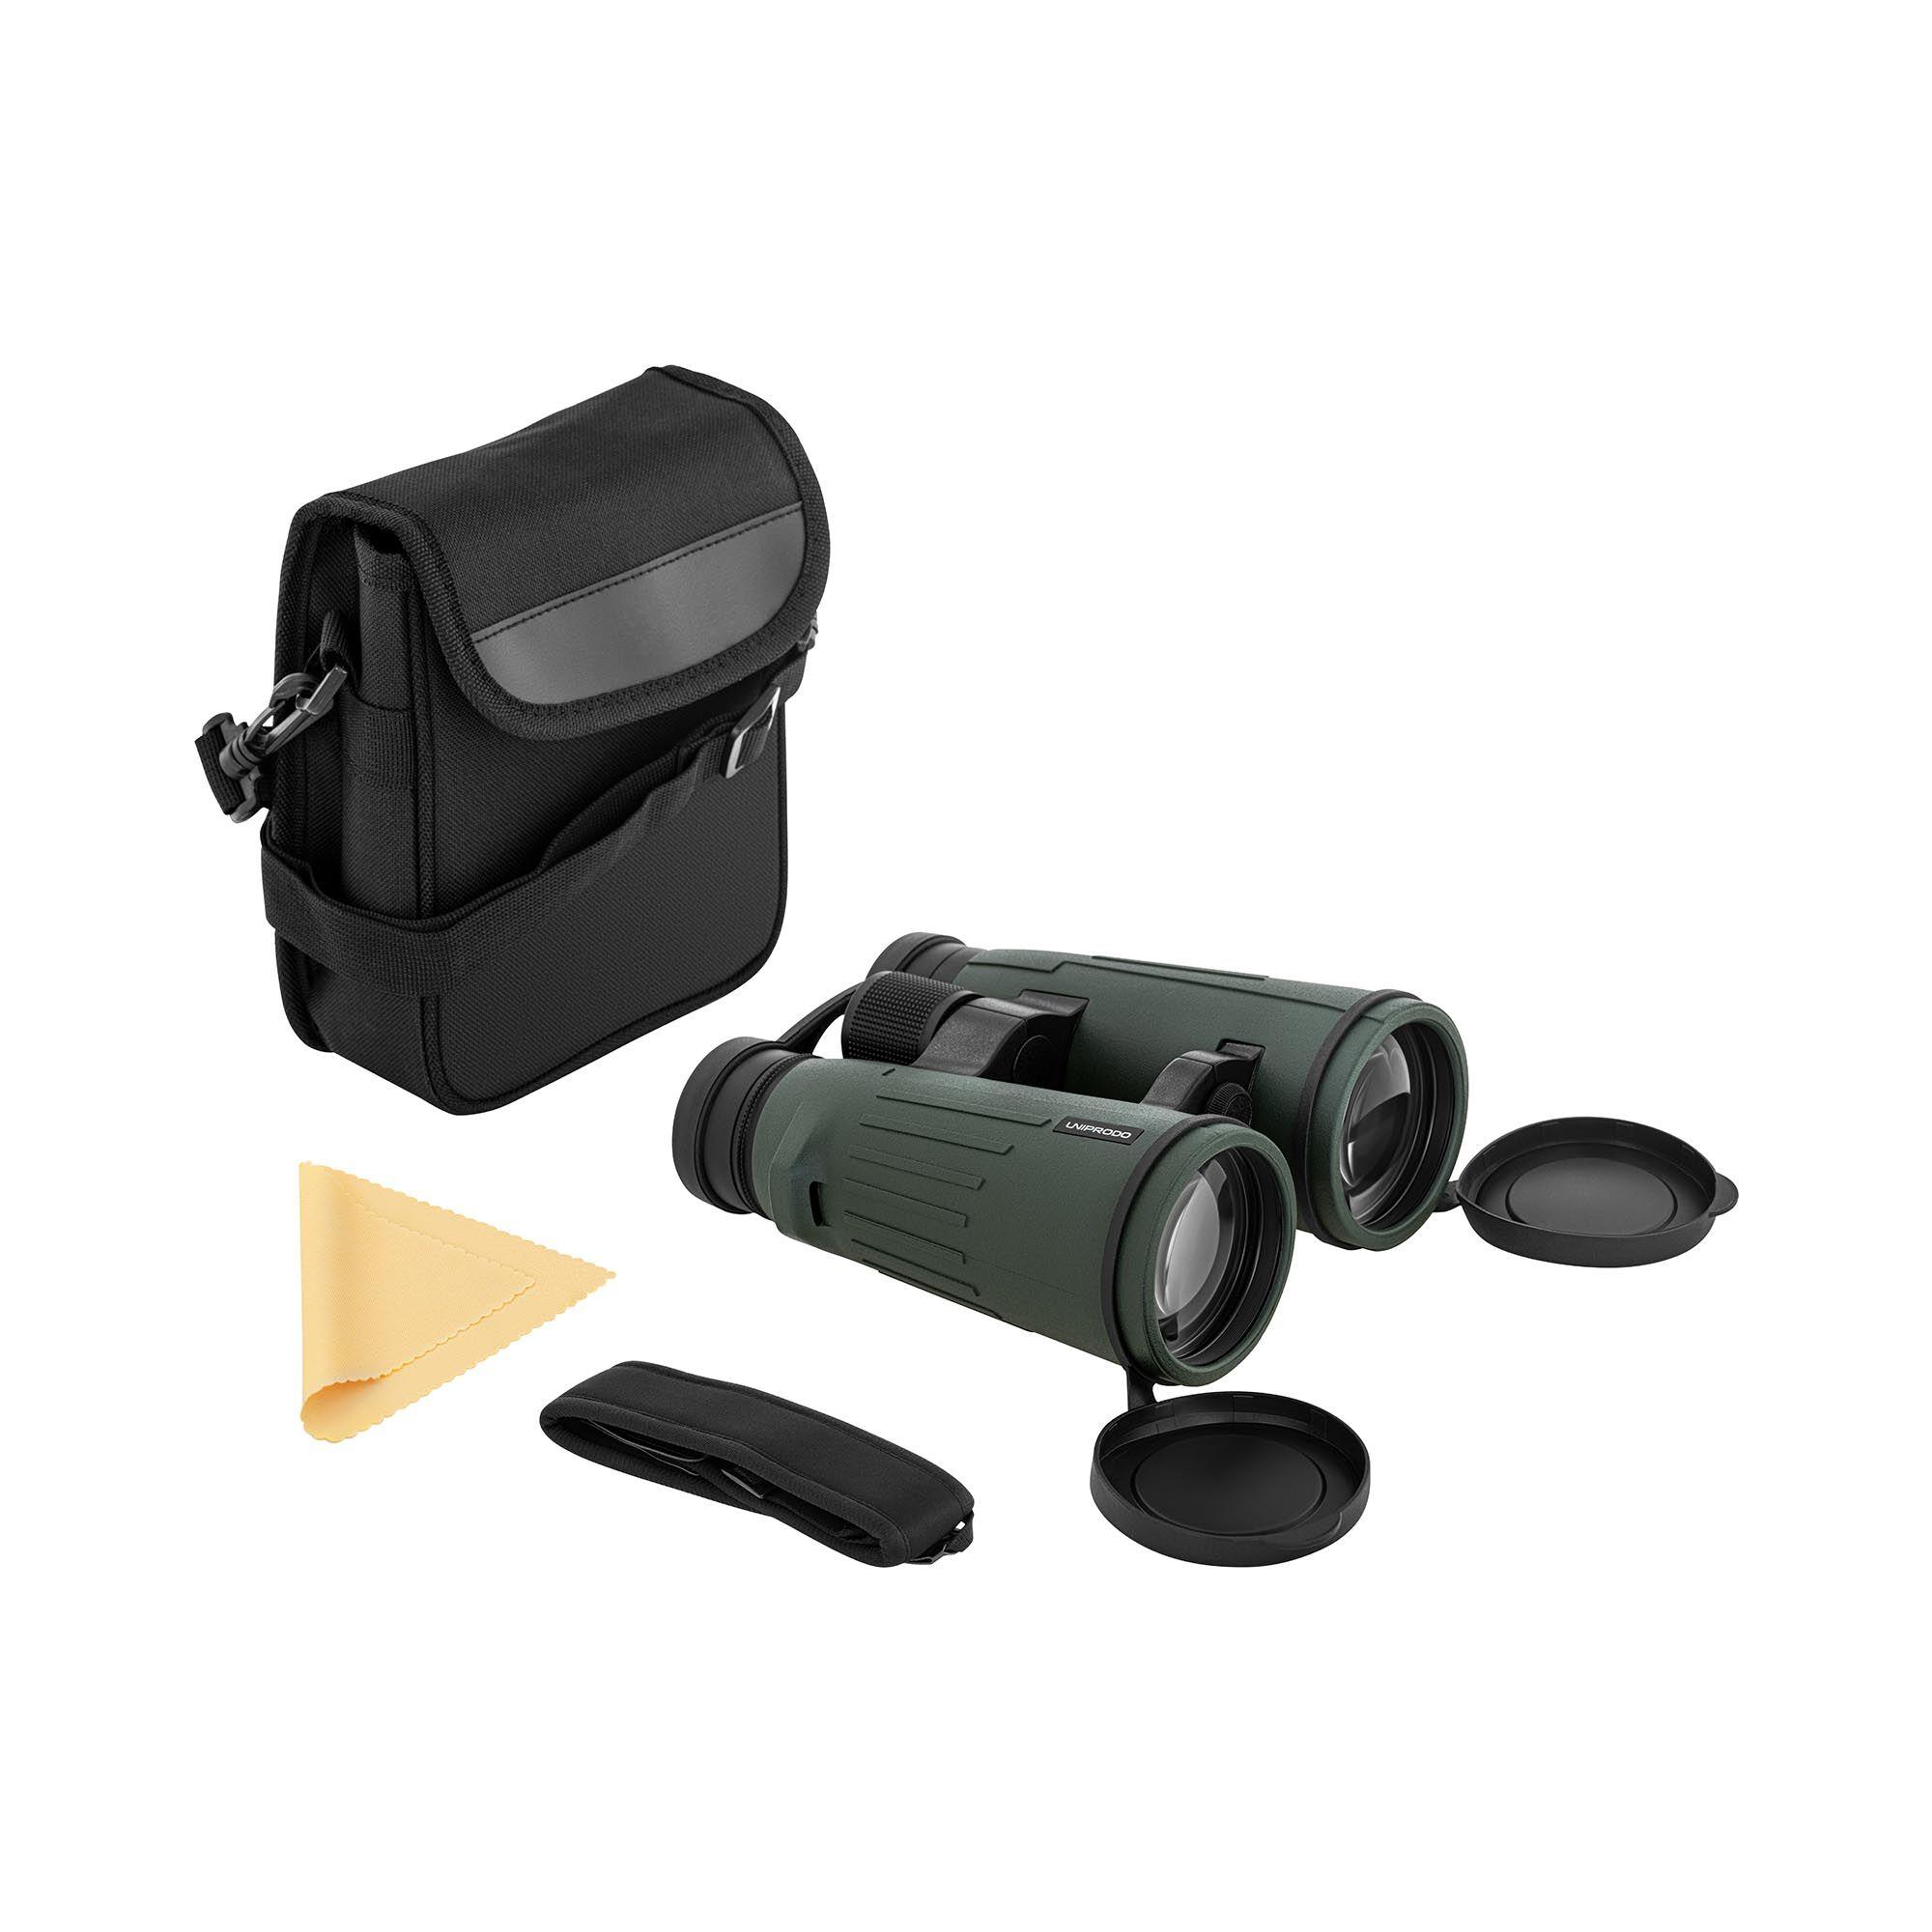 Uniprodo Binoculars - 8x56 - 8° - 112 m/1,000 m - BAK-4 - phase coated